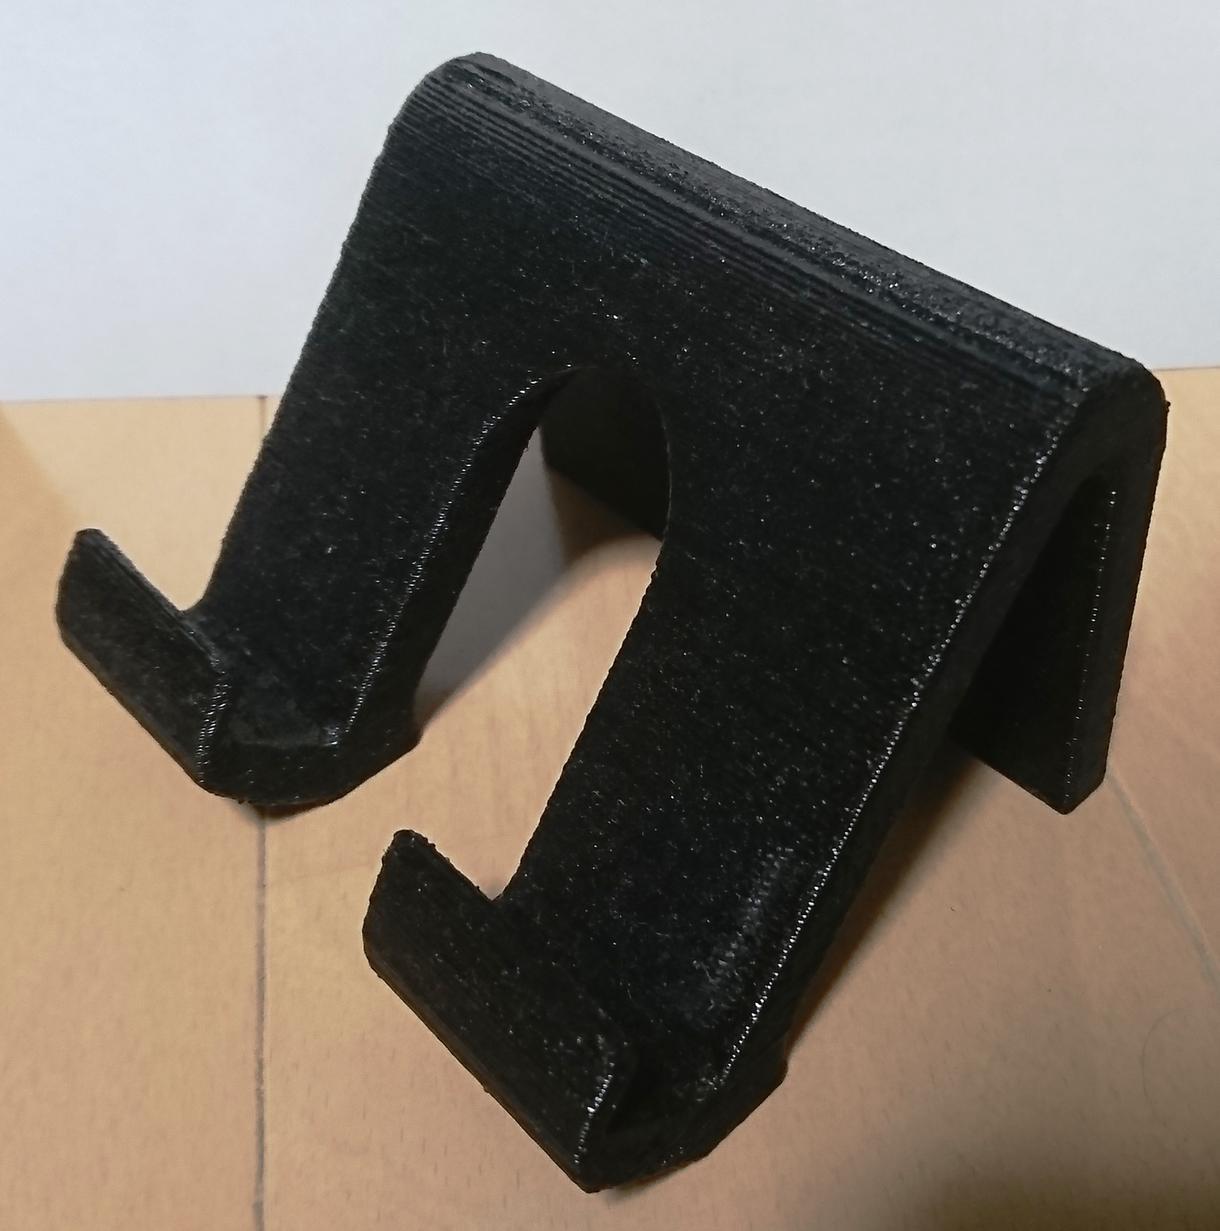 3Dプリンター印刷・3Dモデル作成します オリジナル品の手書きスケッチからモデルも作成できます